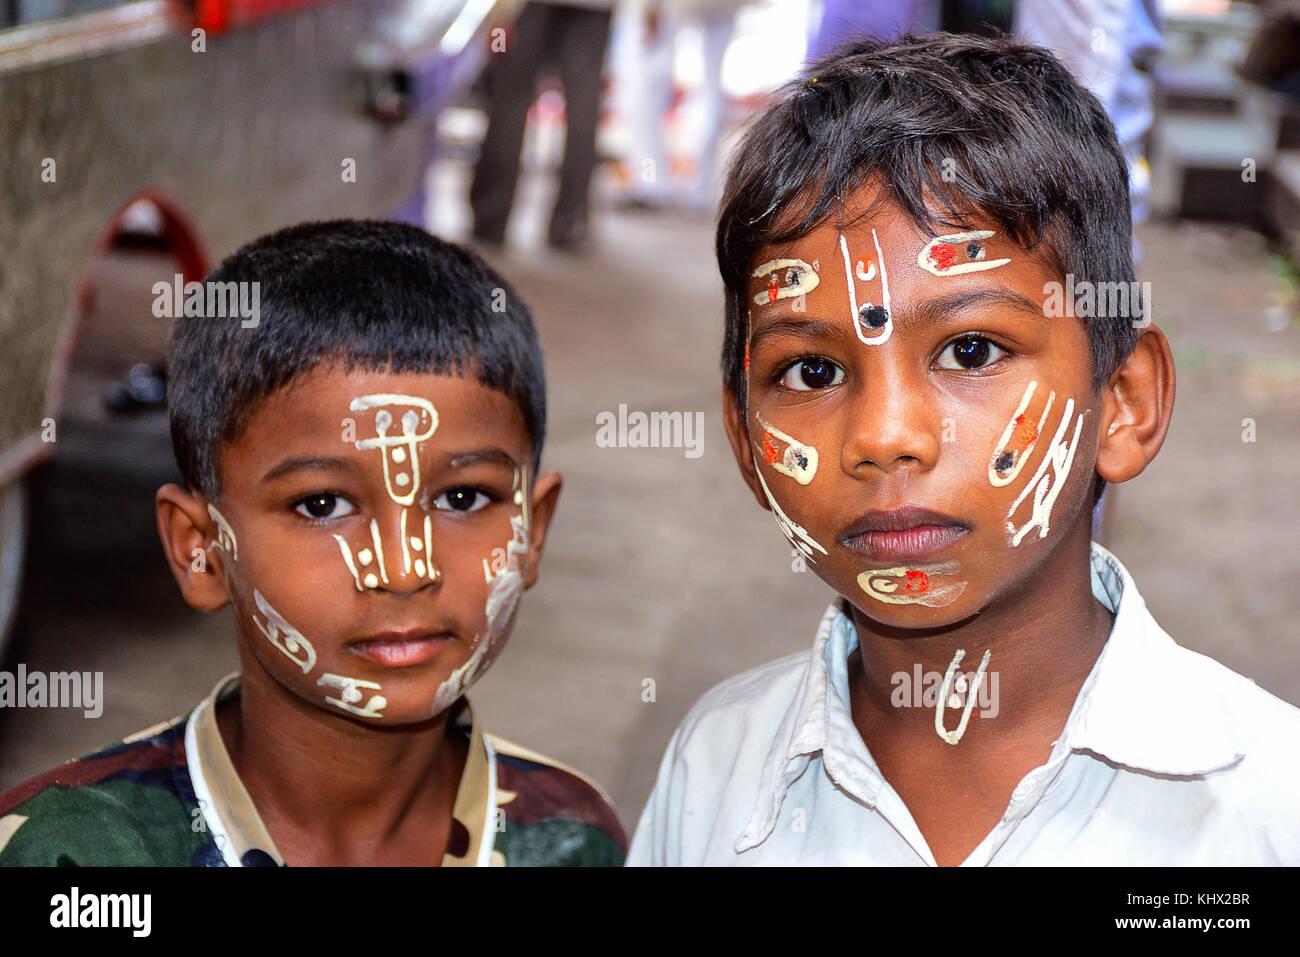 Boys with painted faces, Palki festival, Pune , Maharashtra, India - Stock Image